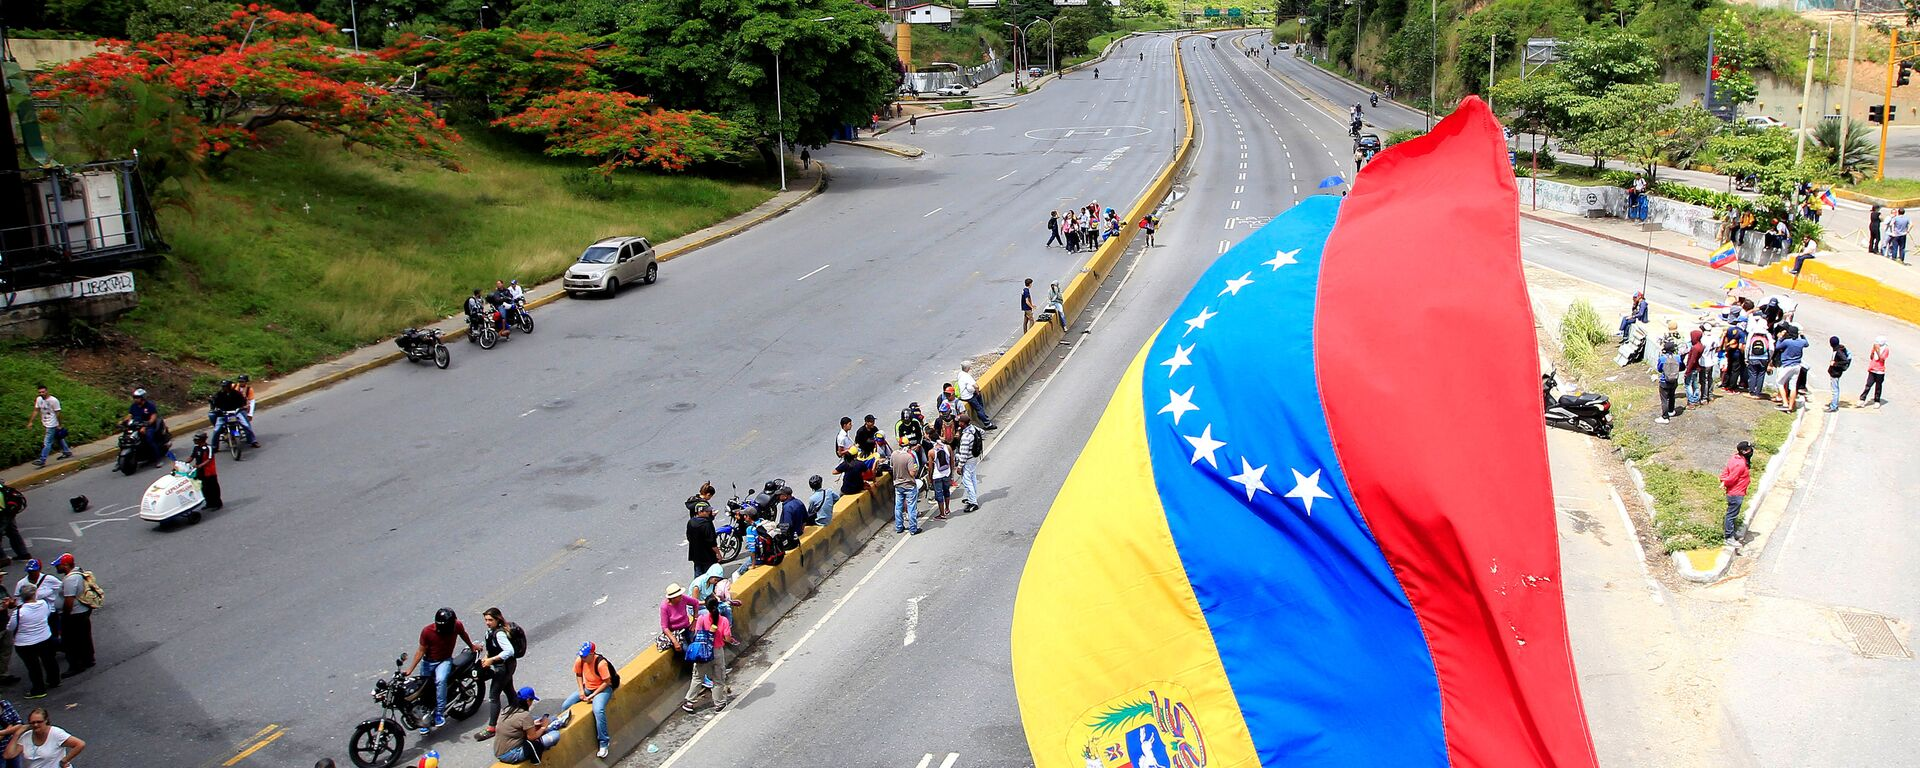 La bandera de Venezuela (archivo) - Sputnik Mundo, 1920, 24.08.2021